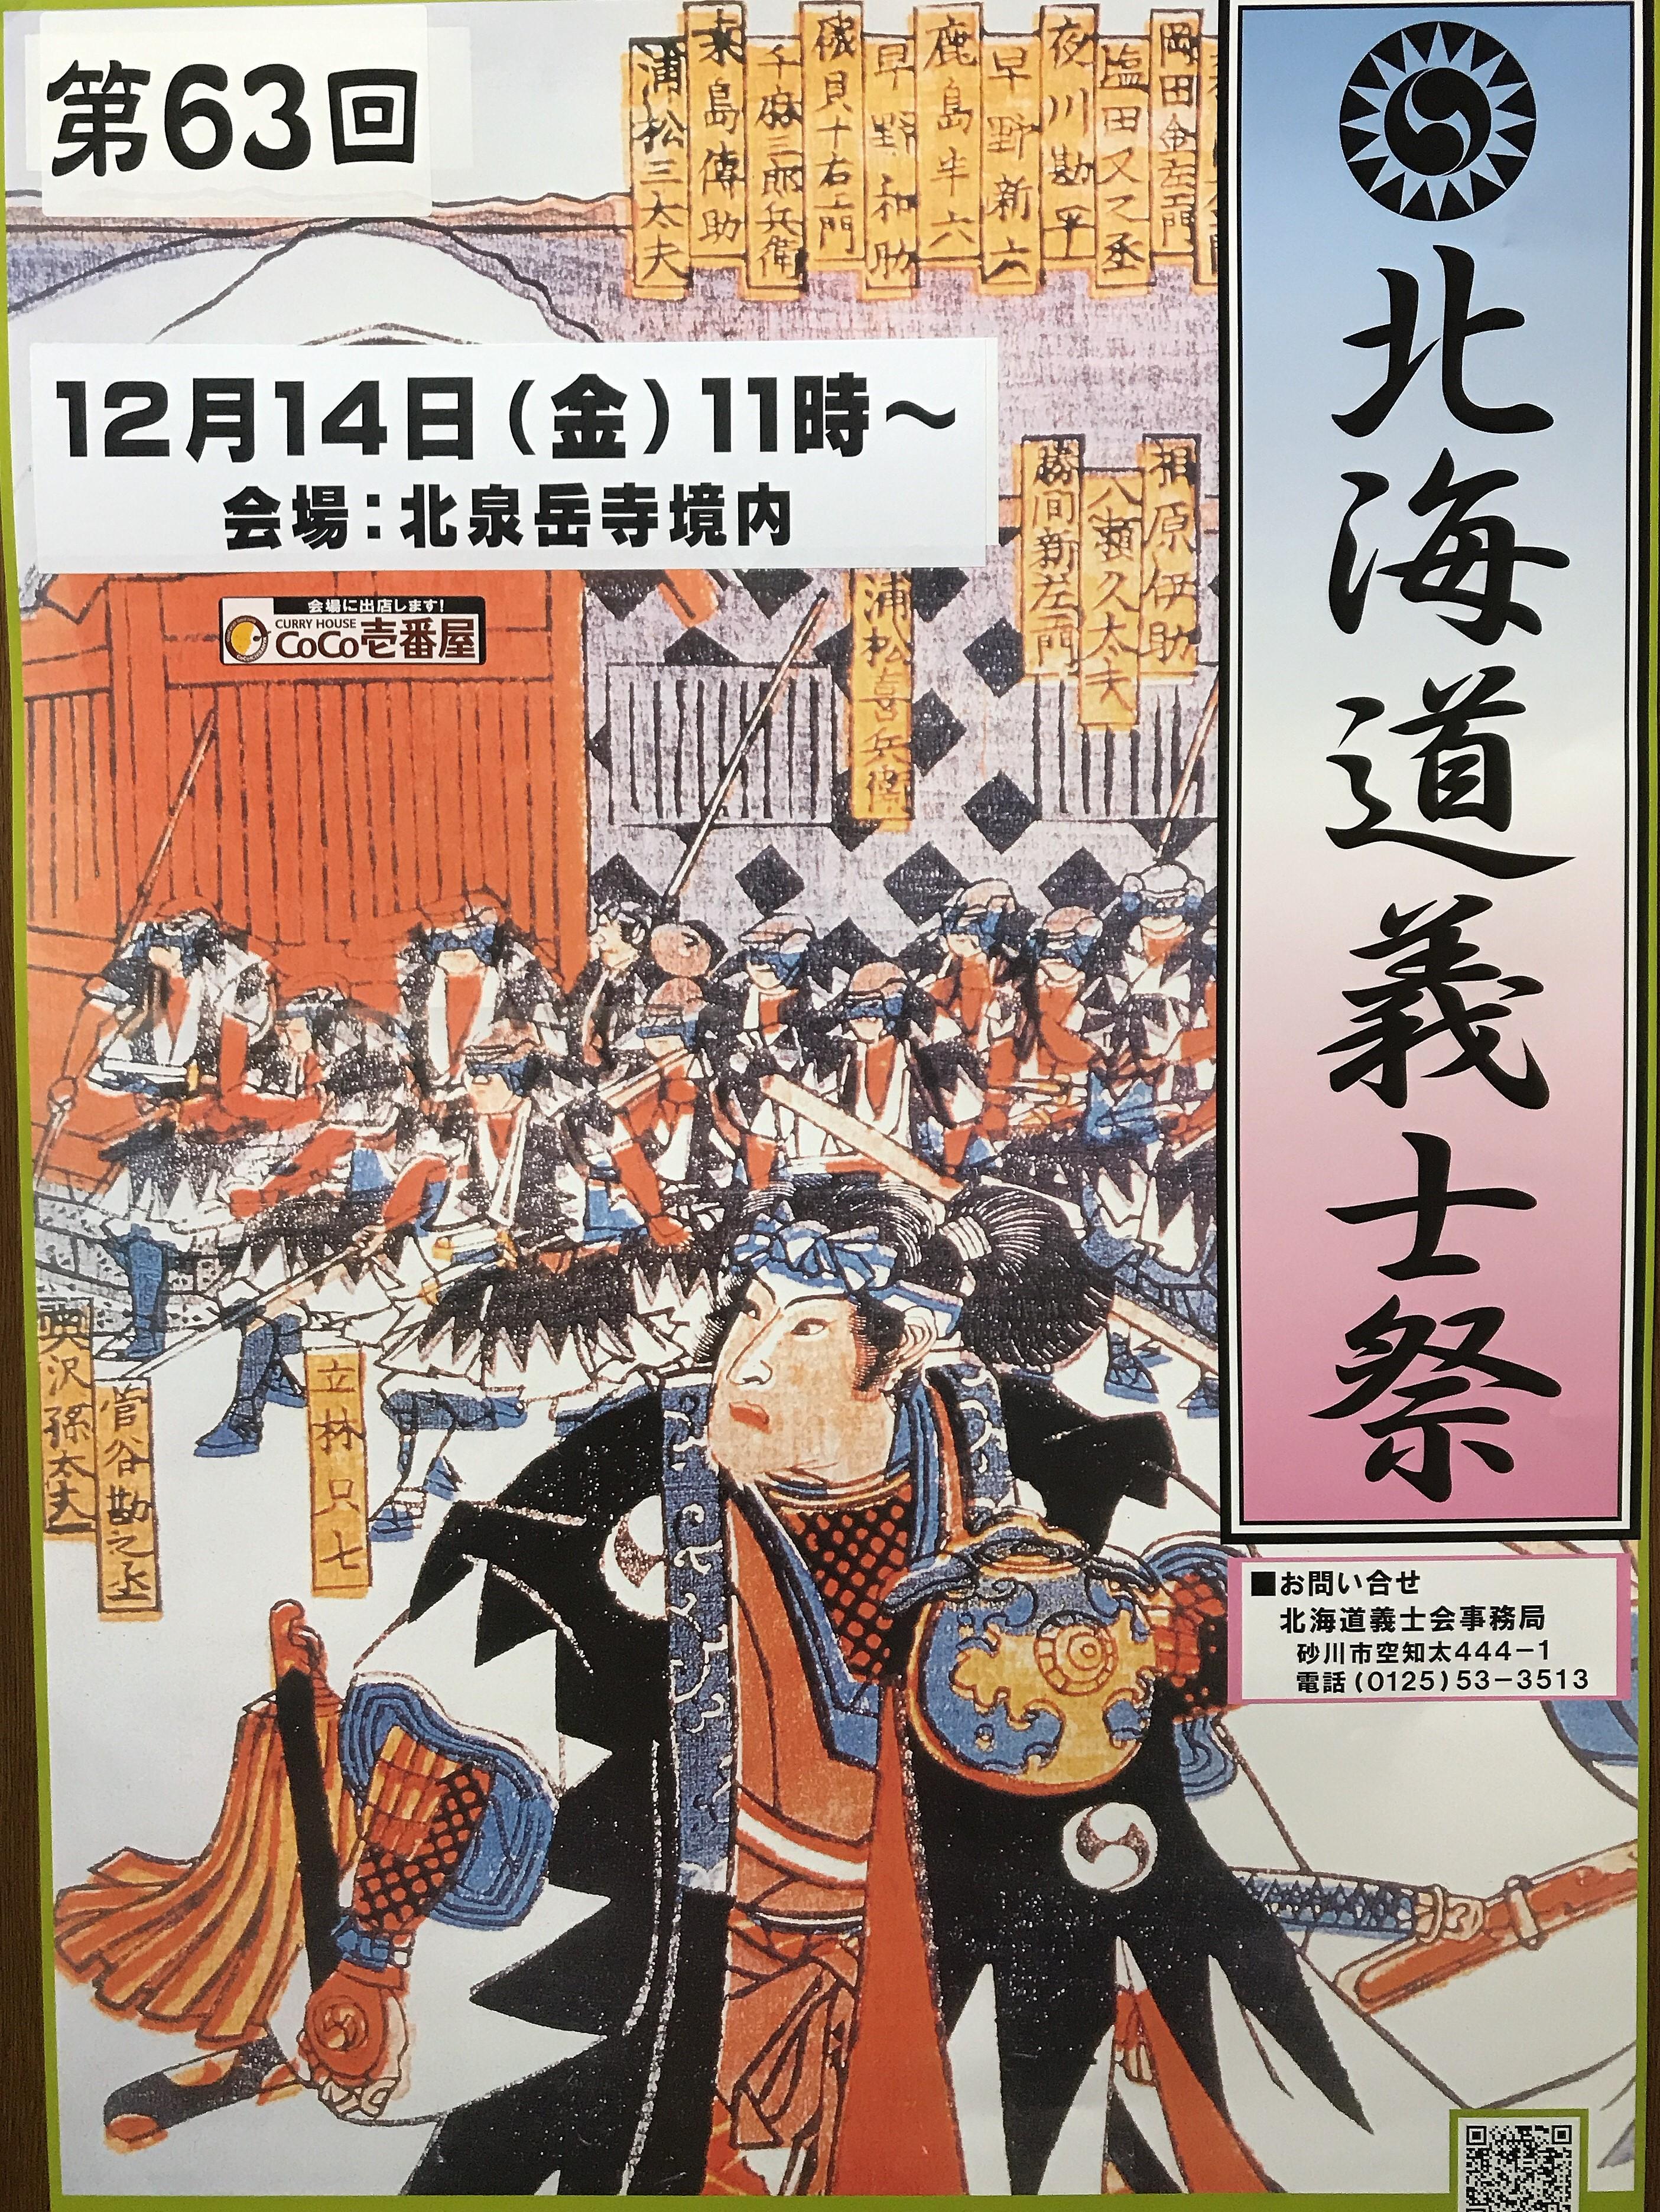 第63回北海道義士祭のポスター